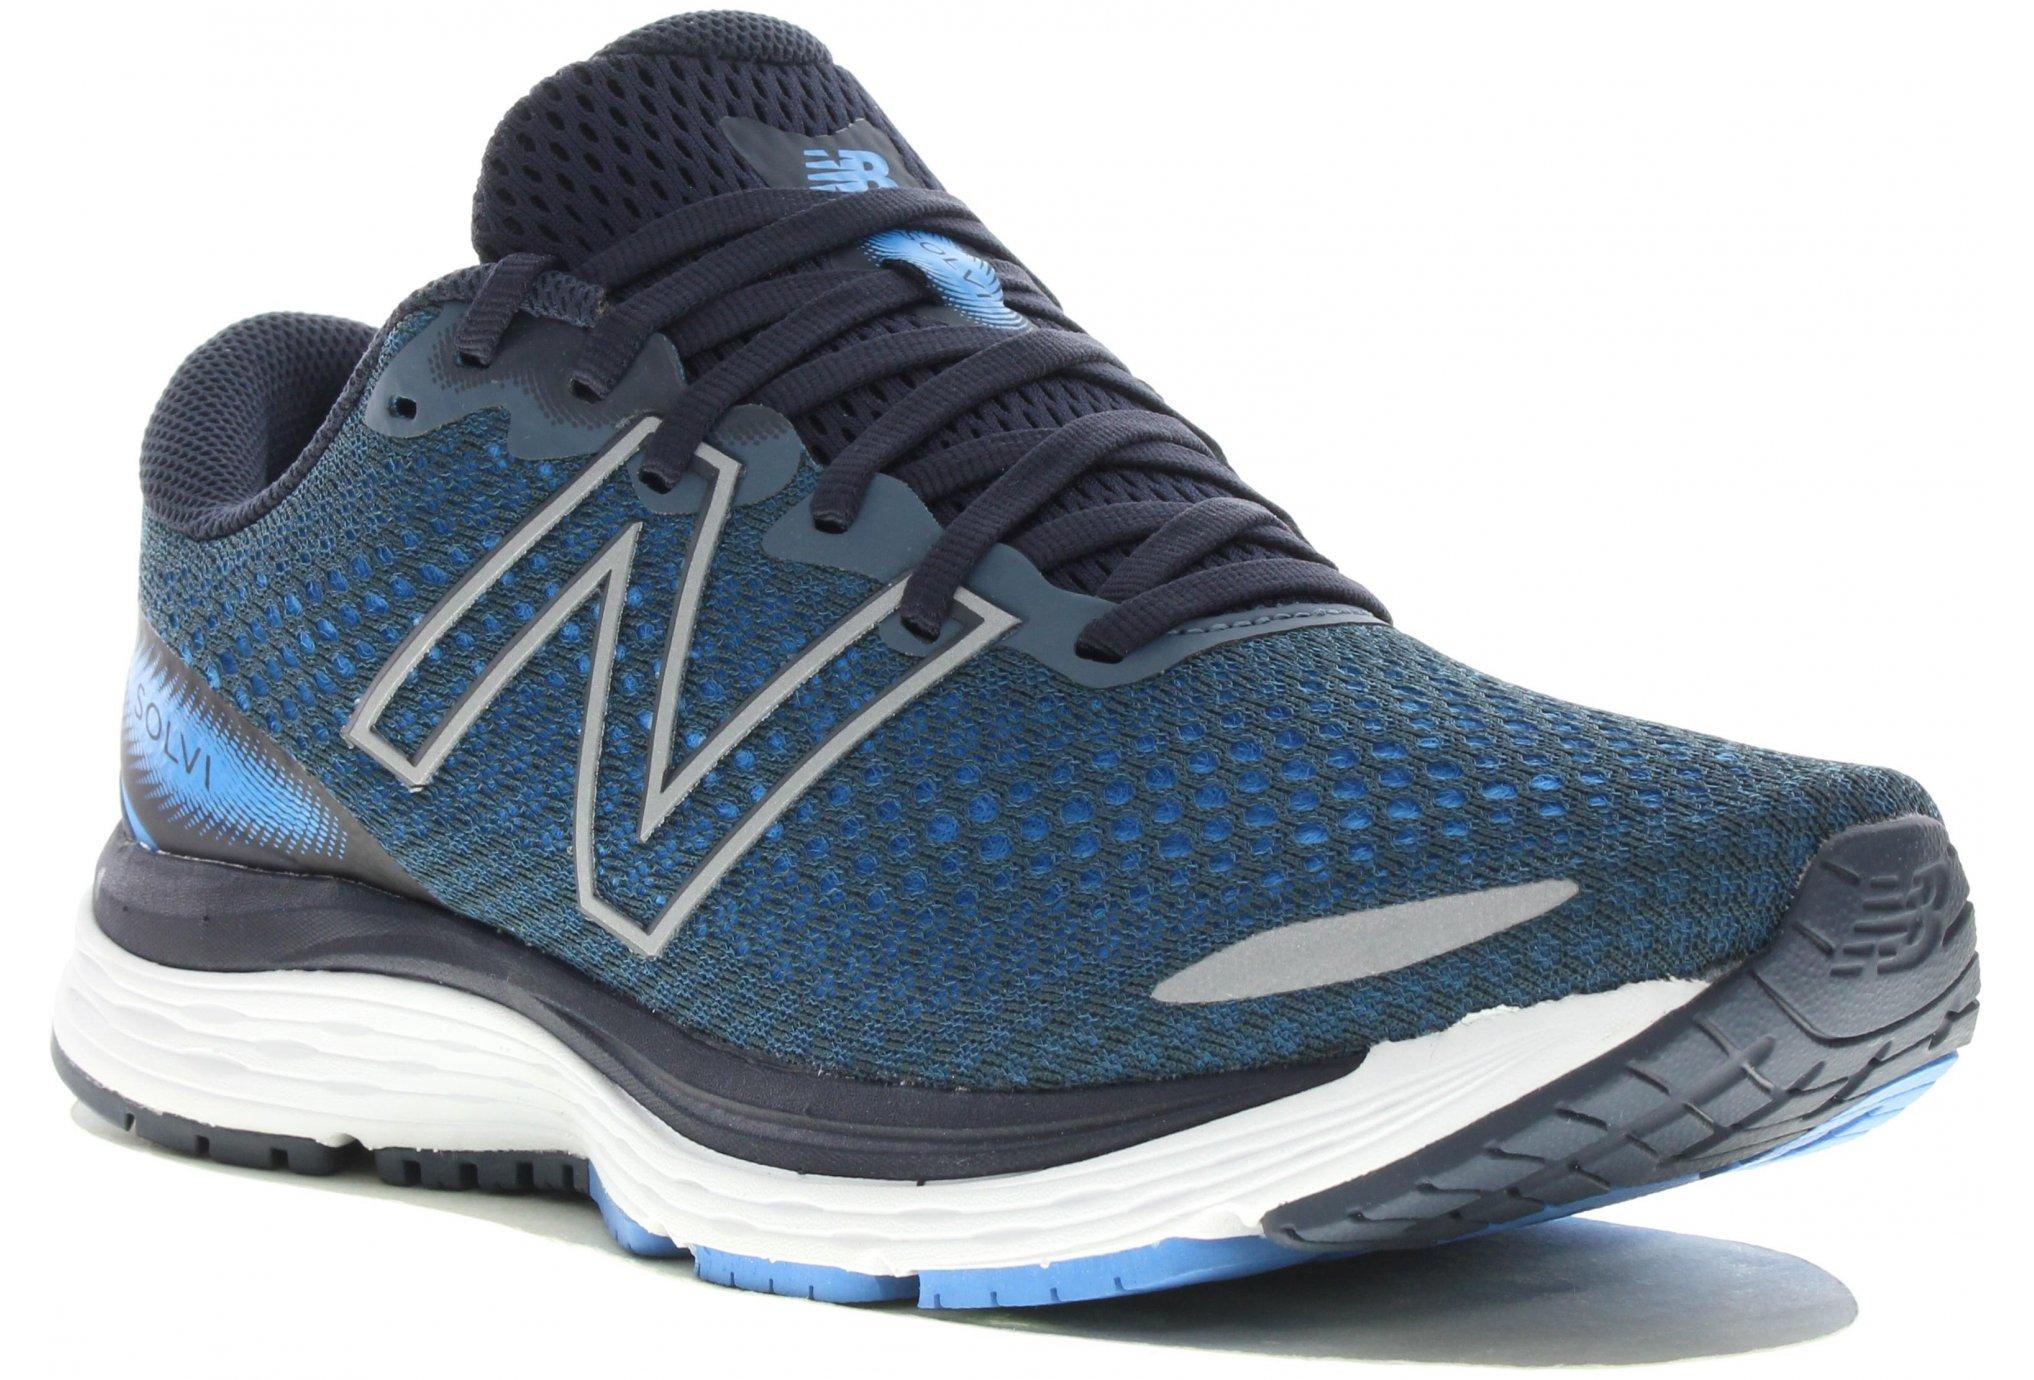 New Balance Solvi V3 M Chaussures homme